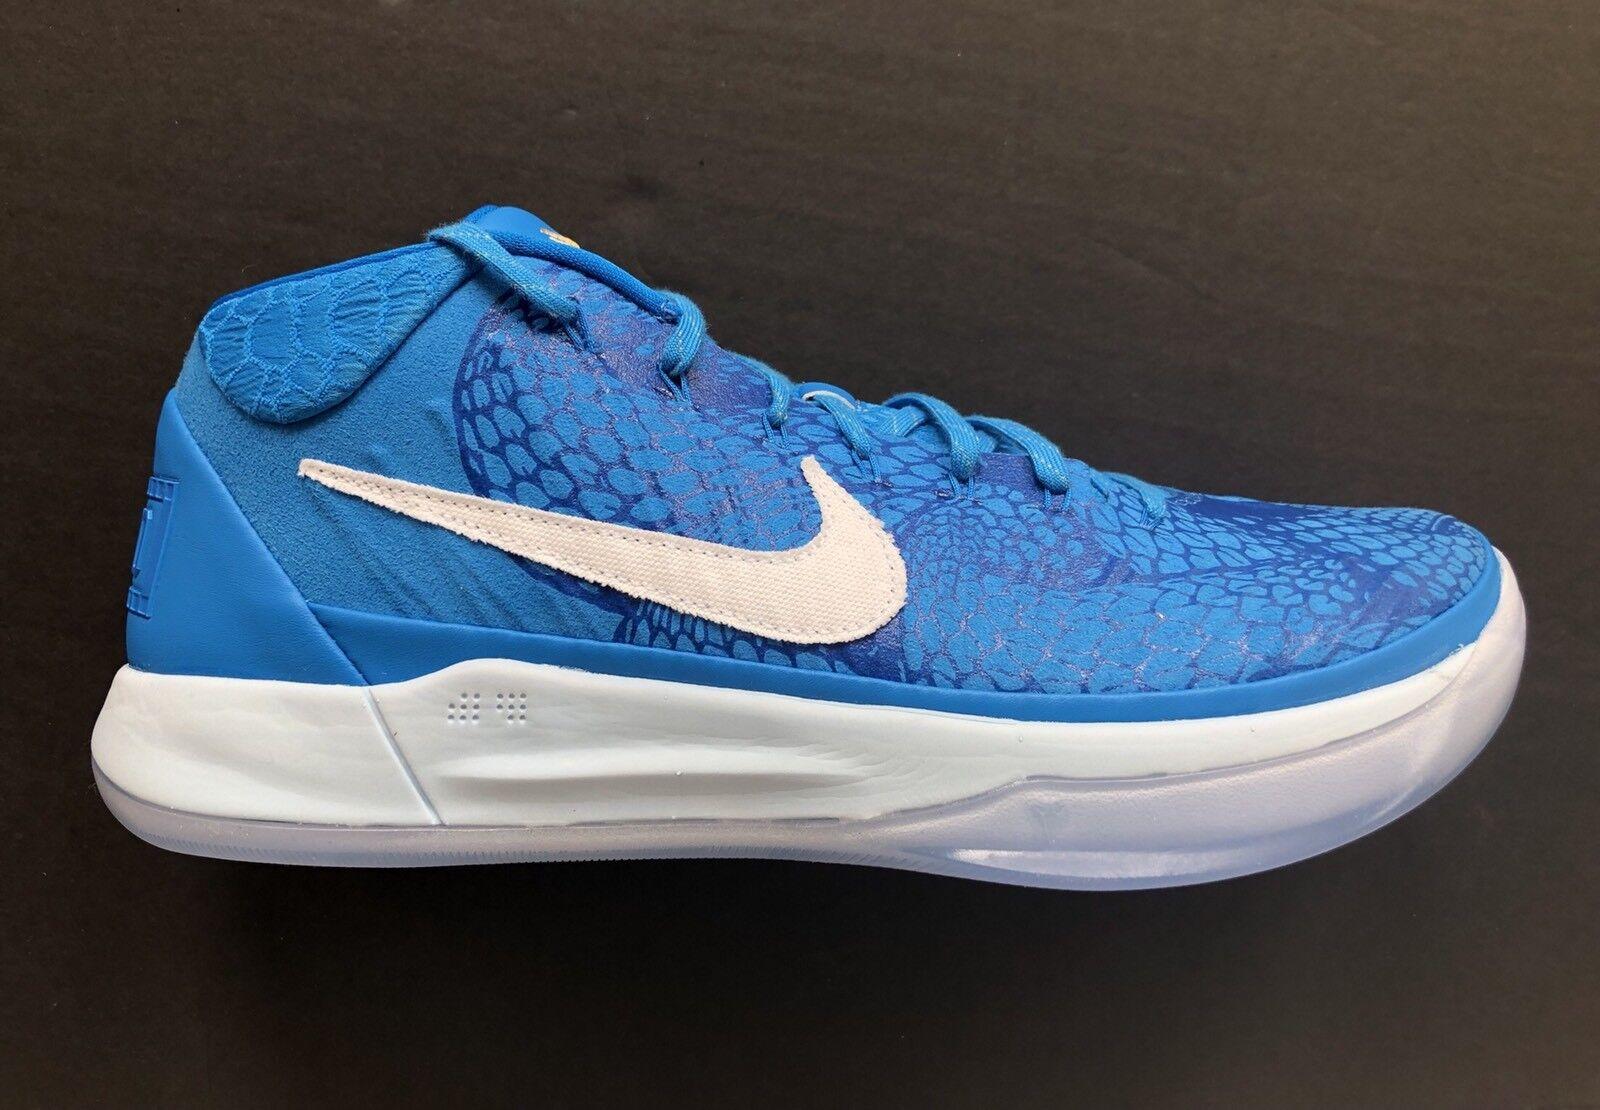 Nike kobe. schuhe pe demar derozan blaues basketball - schuhe kobe. aq2721-900 größe 9. 94c050